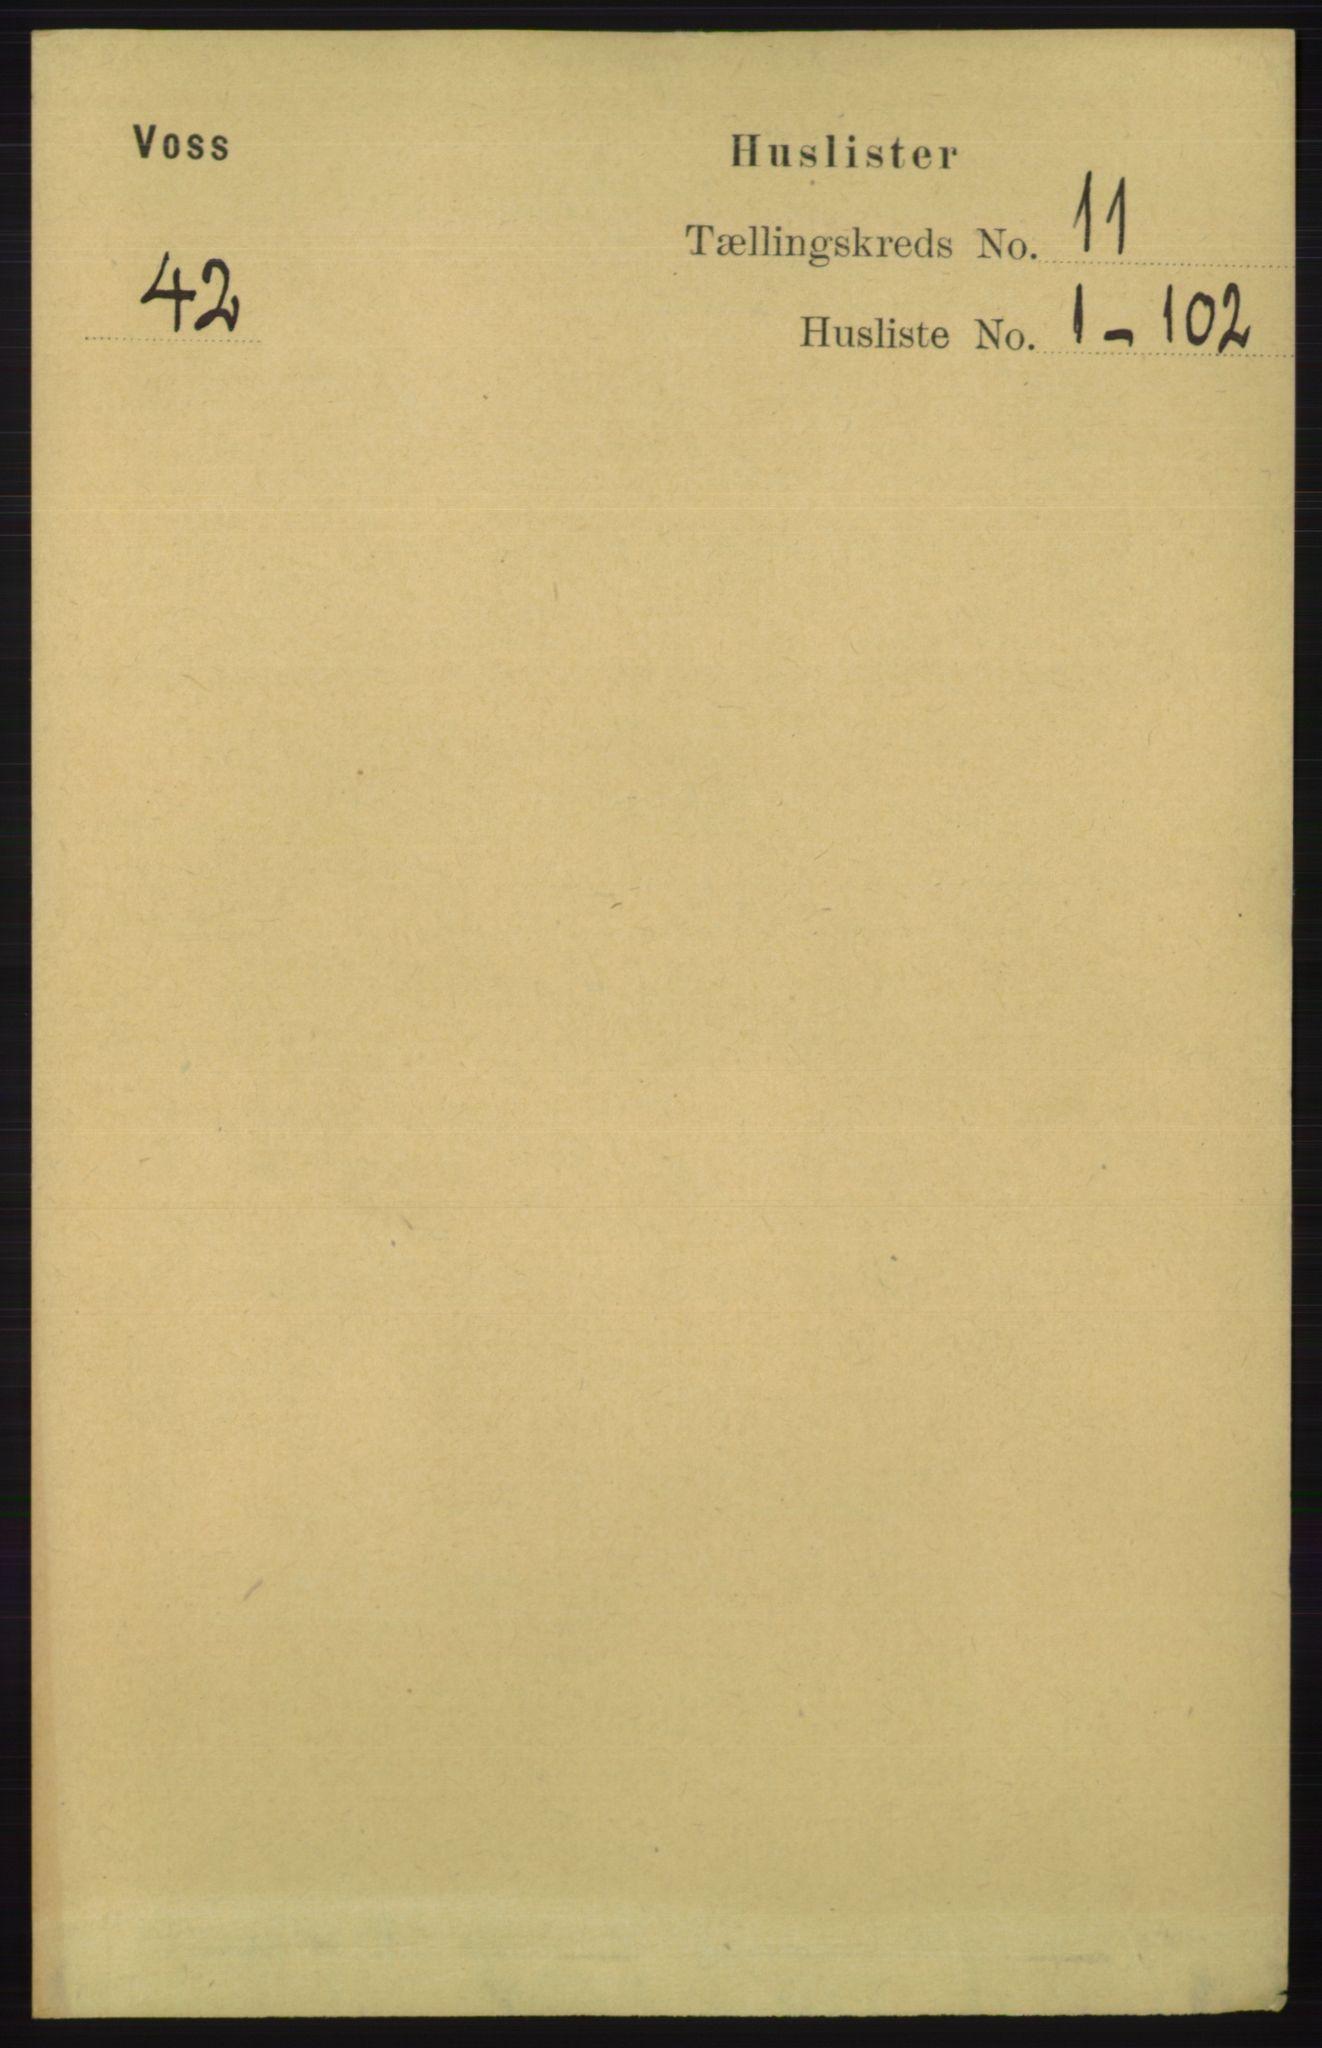 RA, Folketelling 1891 for 1235 Voss herred, 1891, s. 5724